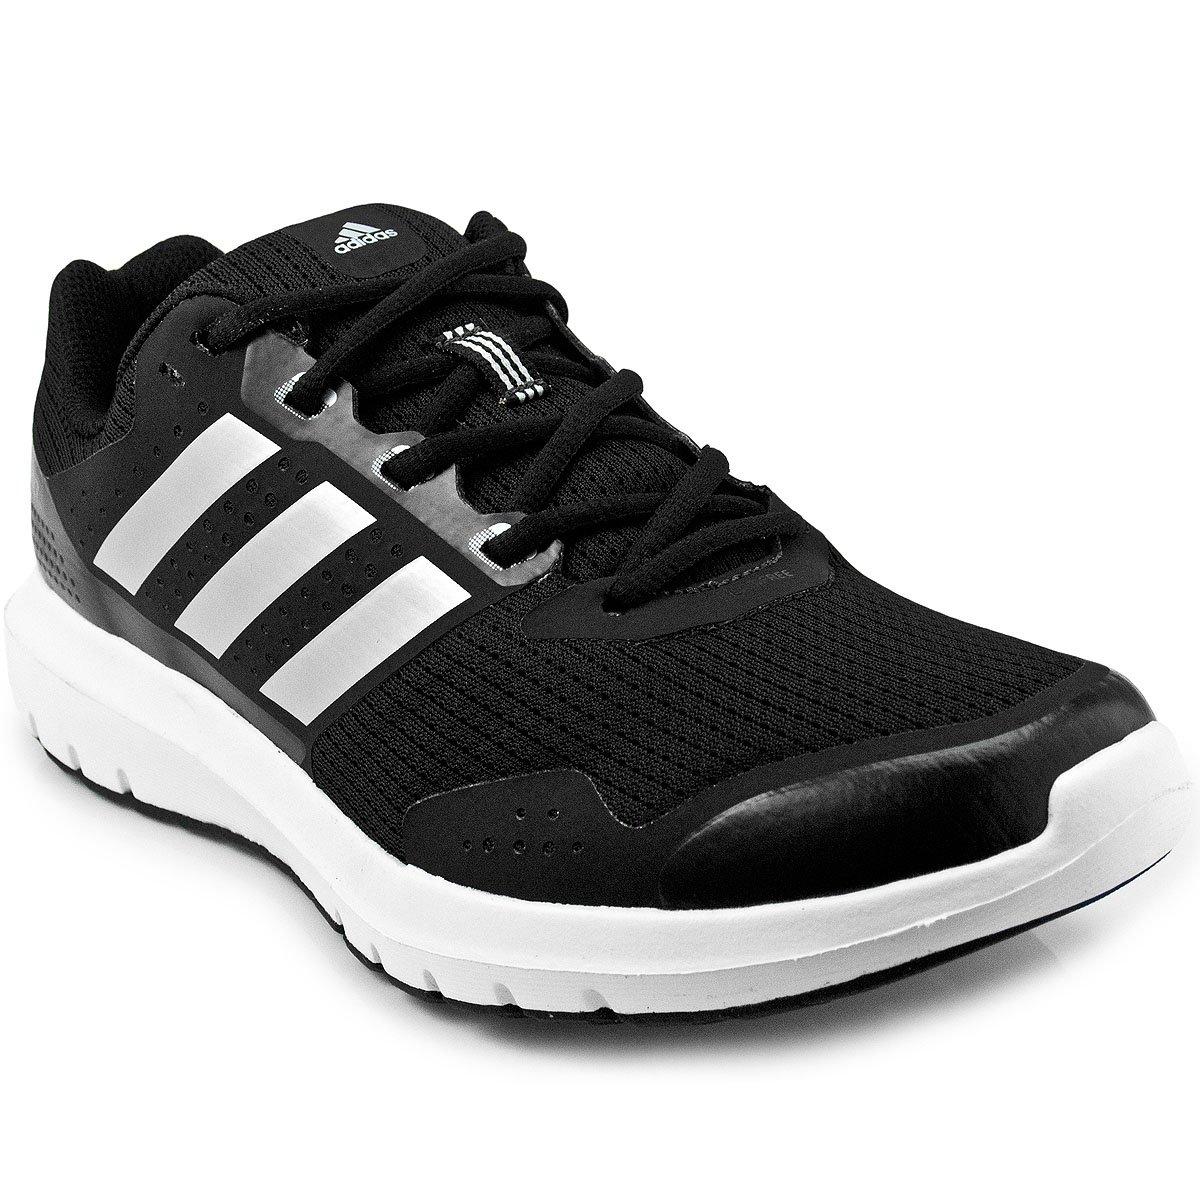 1be623539cd Tênis Adidas Duramo 7 M